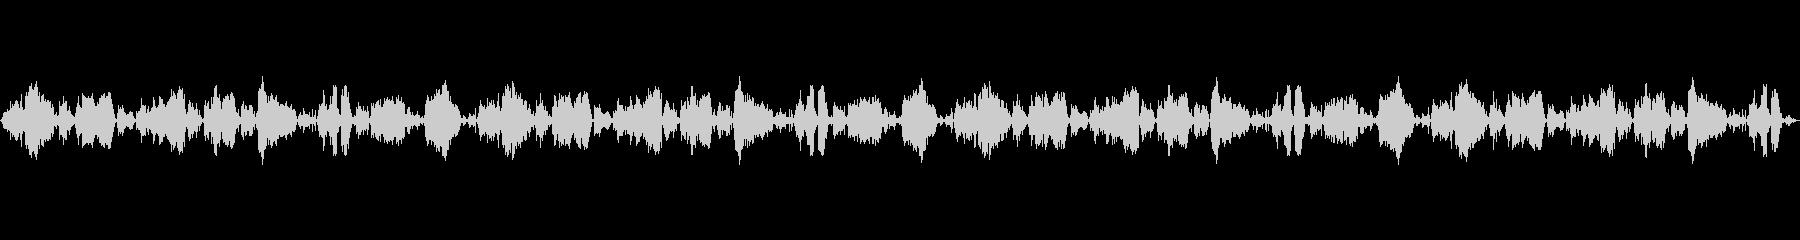 マッドドッグ、SNARLSドッグの未再生の波形